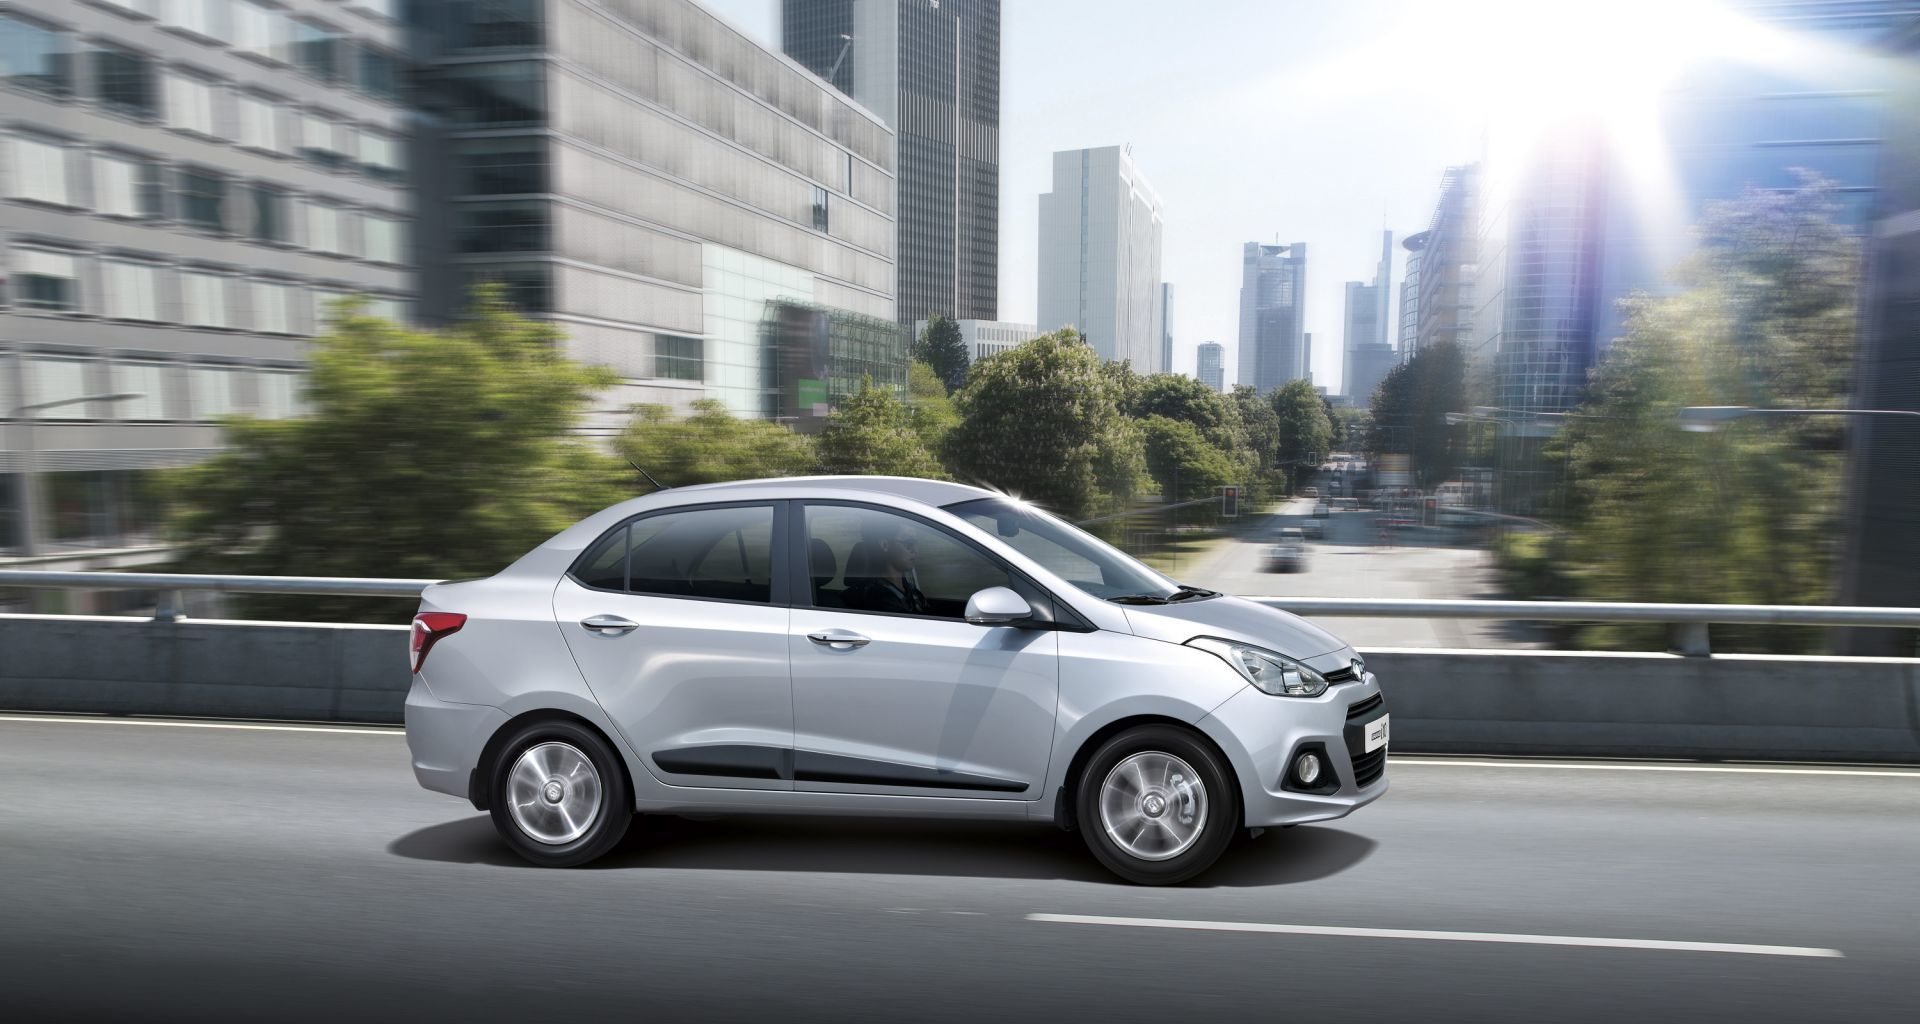 5 mẫu xe sedan giá rẻ nhất đầu năm 2019